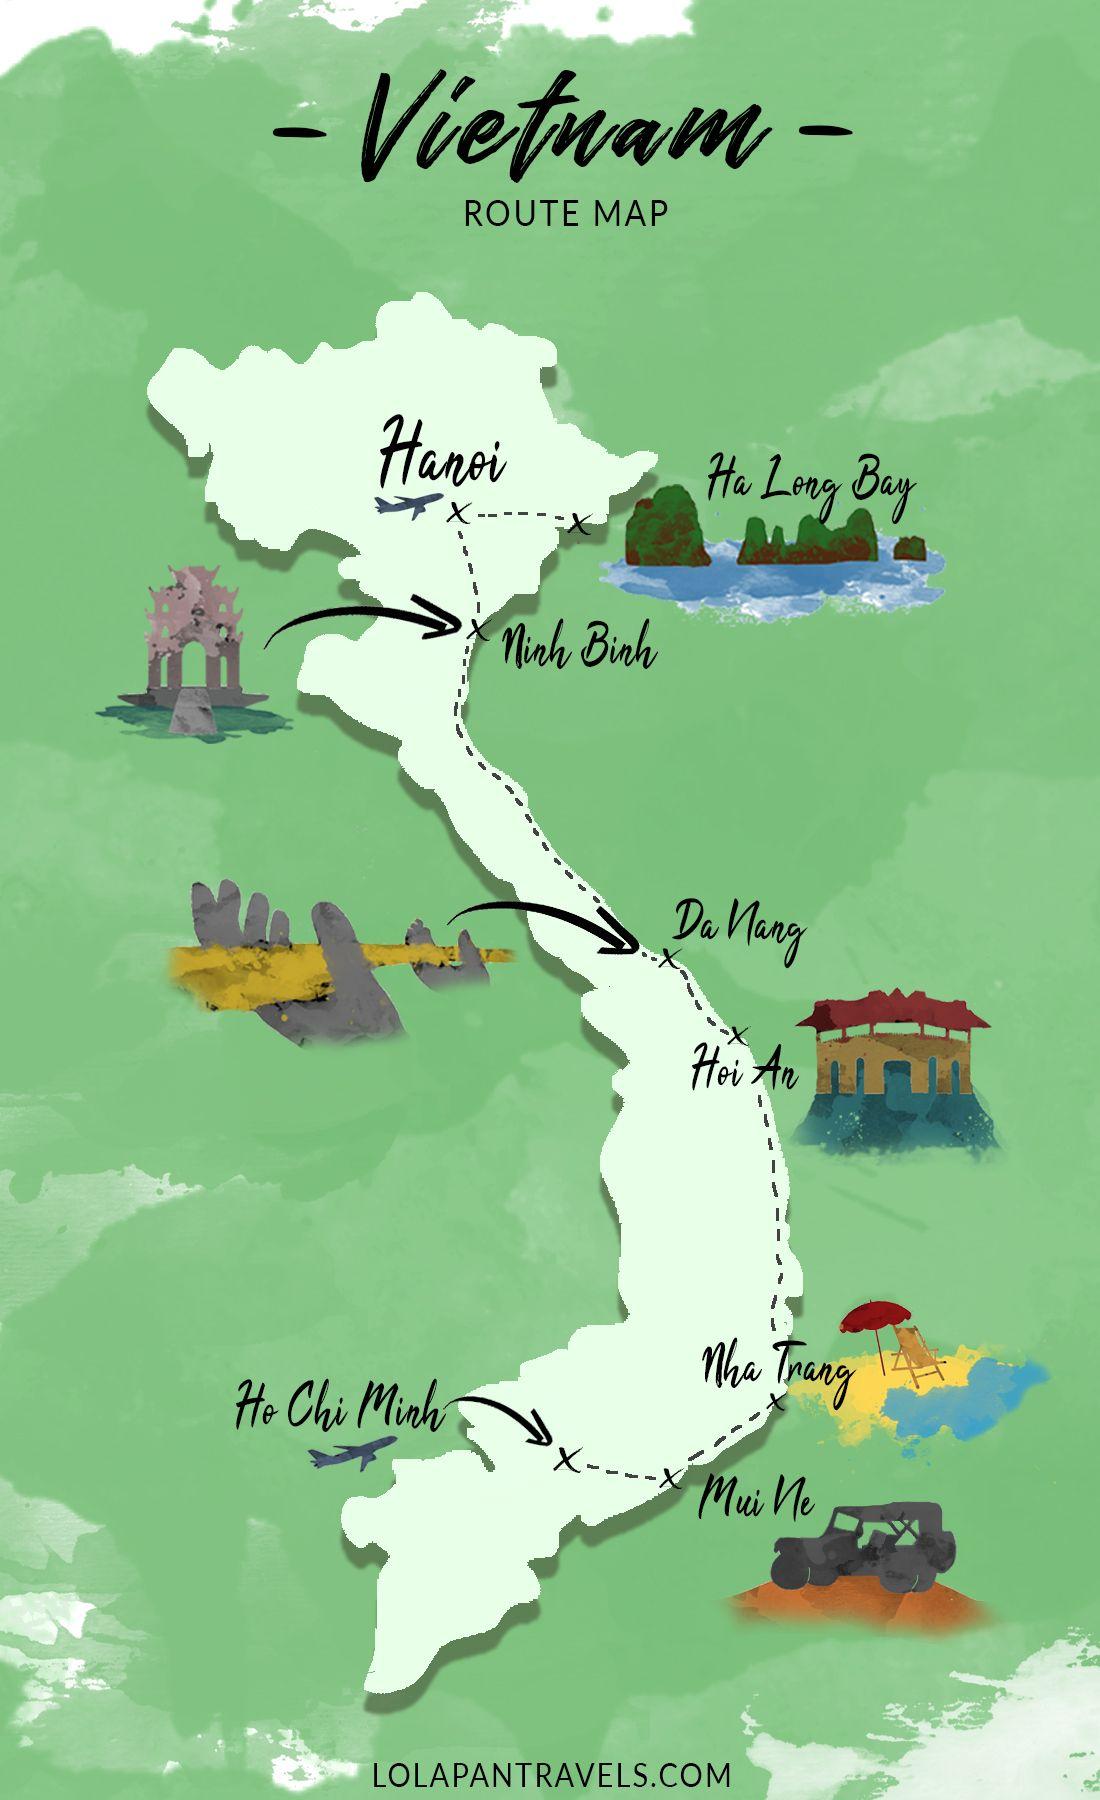 Vietnam Route Map! #travelguide #vietnam #map #routemap #vietnammap #backpackingthailand